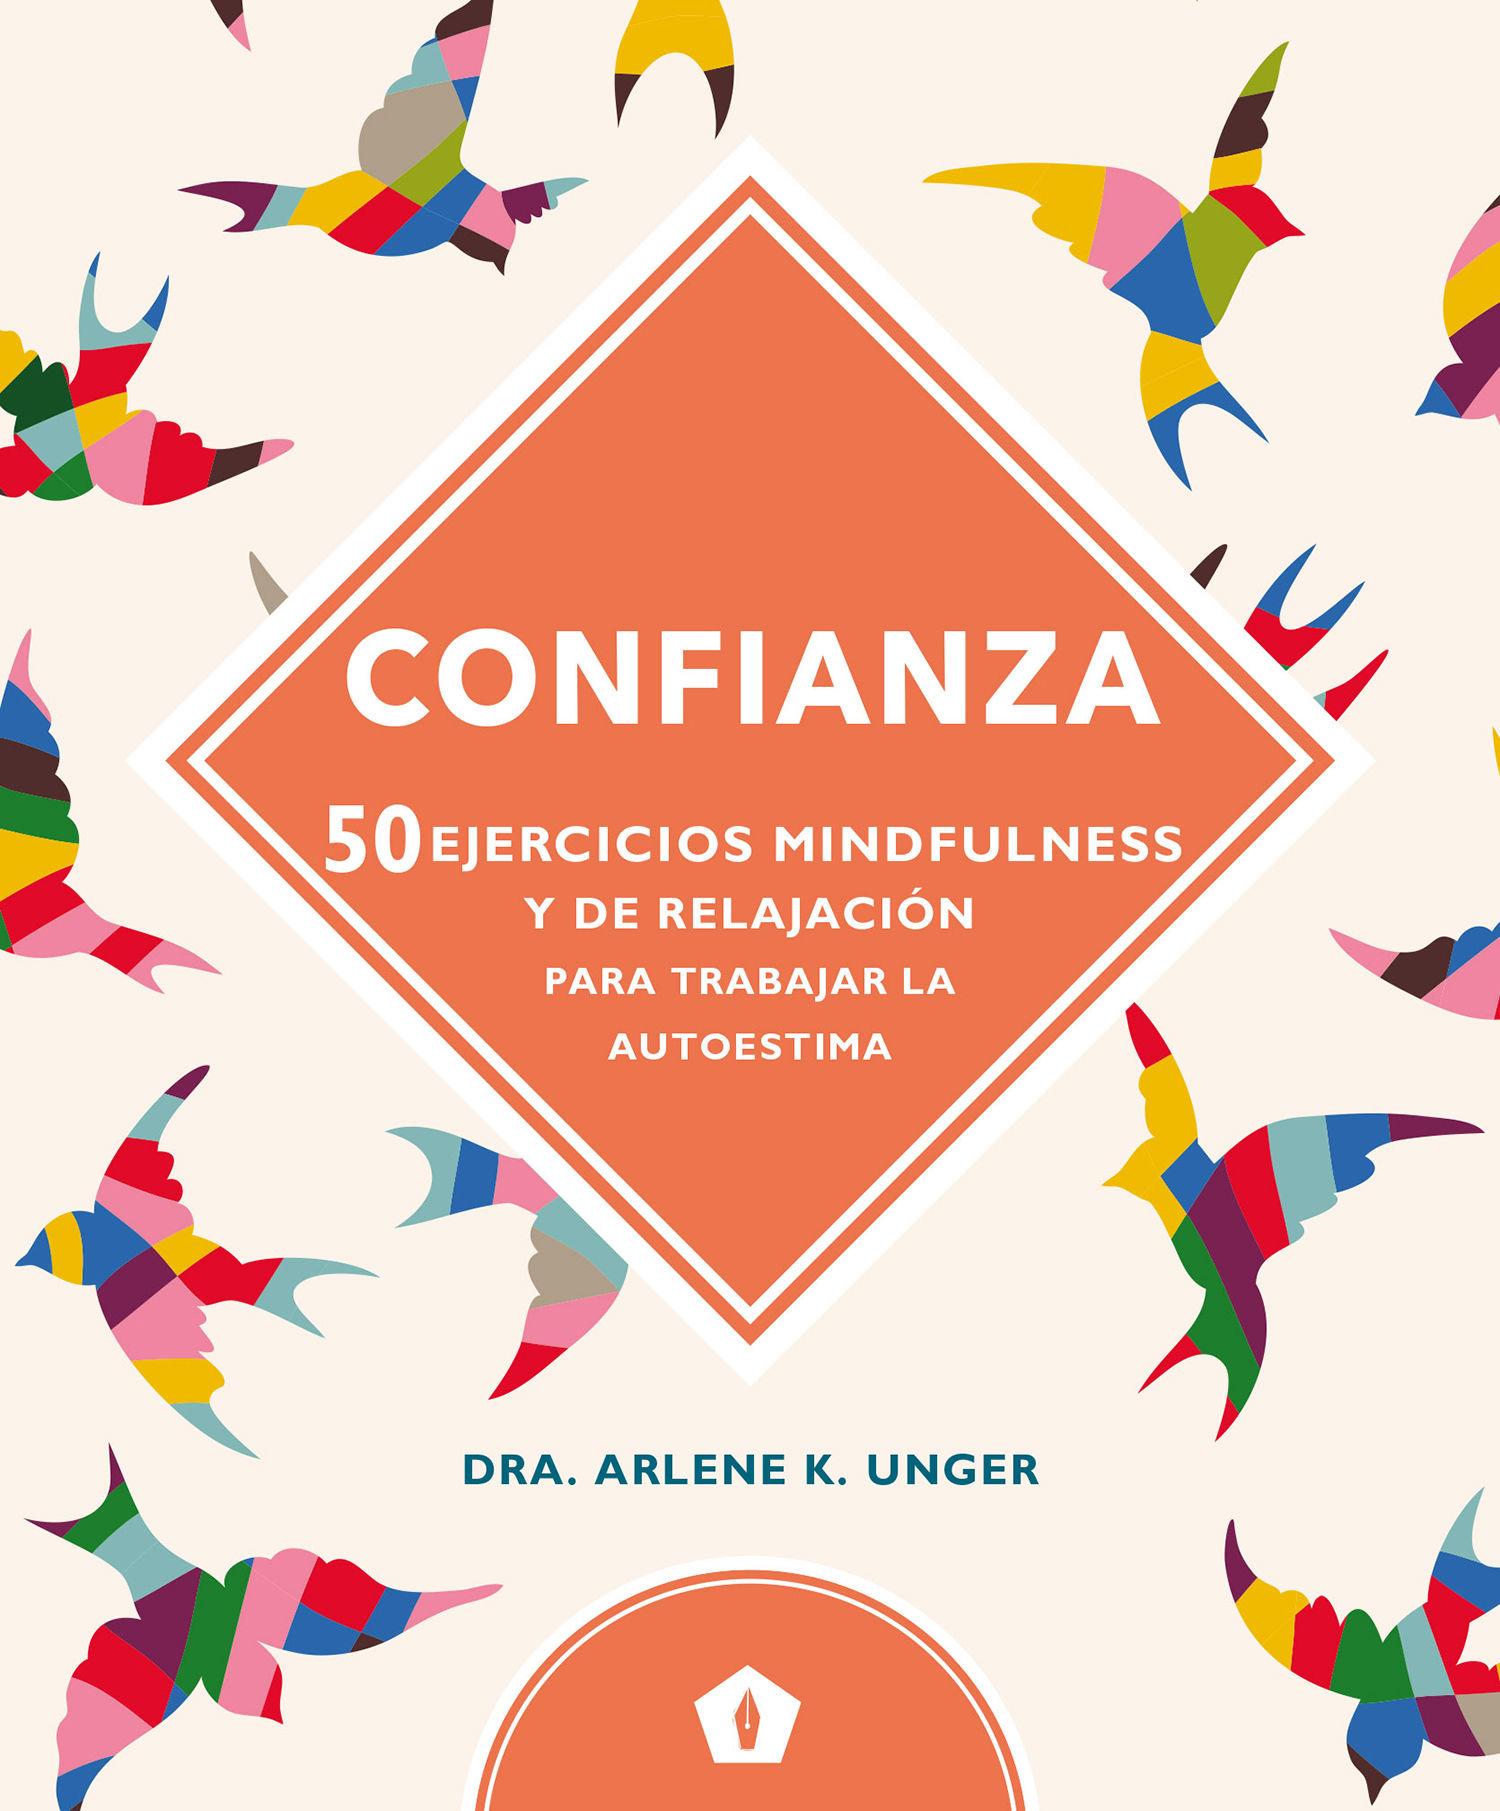 CONFIANZA 50 EJERCICIOS MINDFULNESS DE RELAJACION